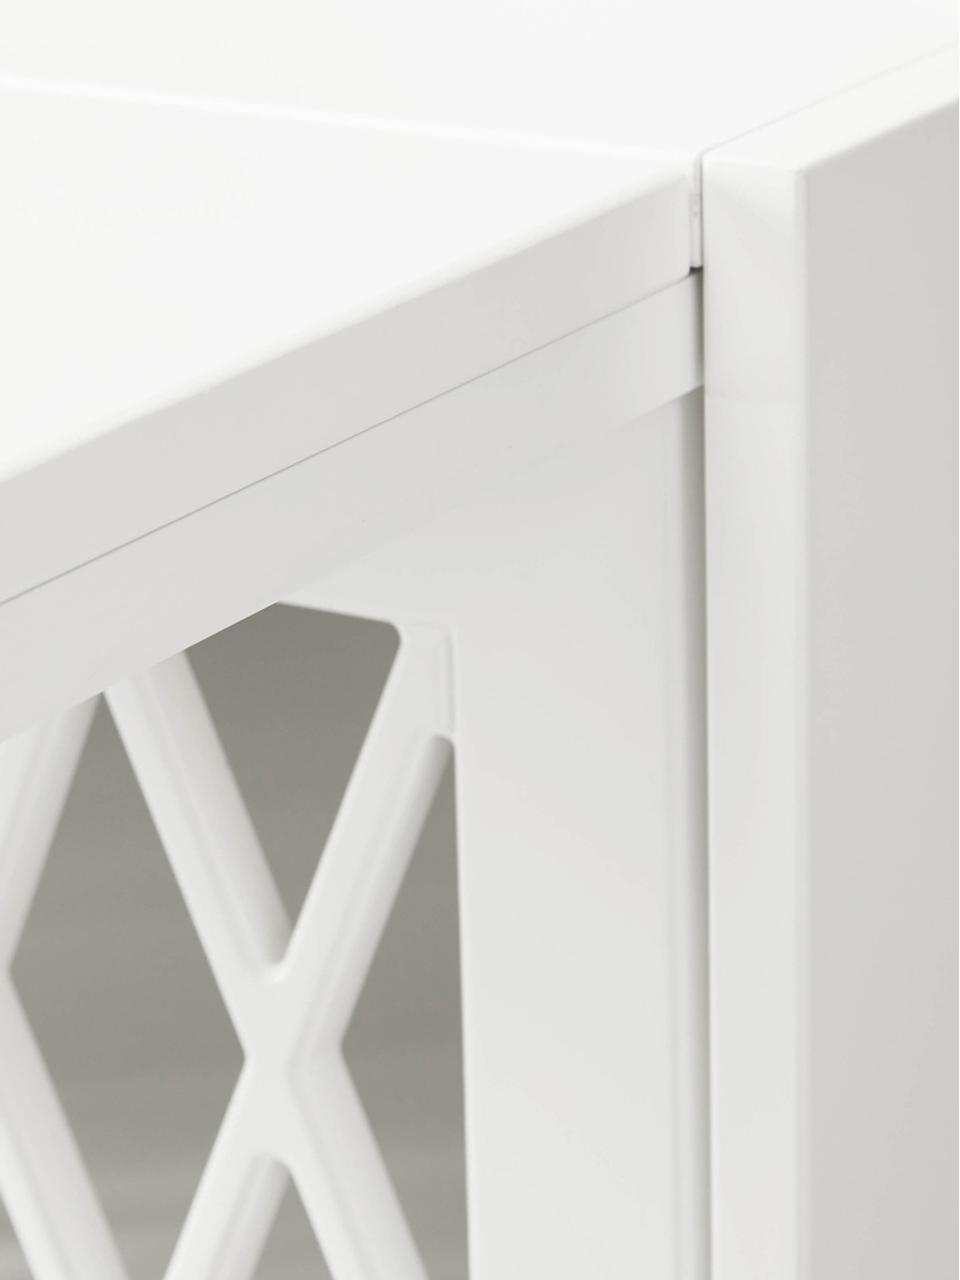 Szafka z przewijakiem Harlequin, Drewno sosnowe, lakierowane, Biały, S 84 x W 100 cm